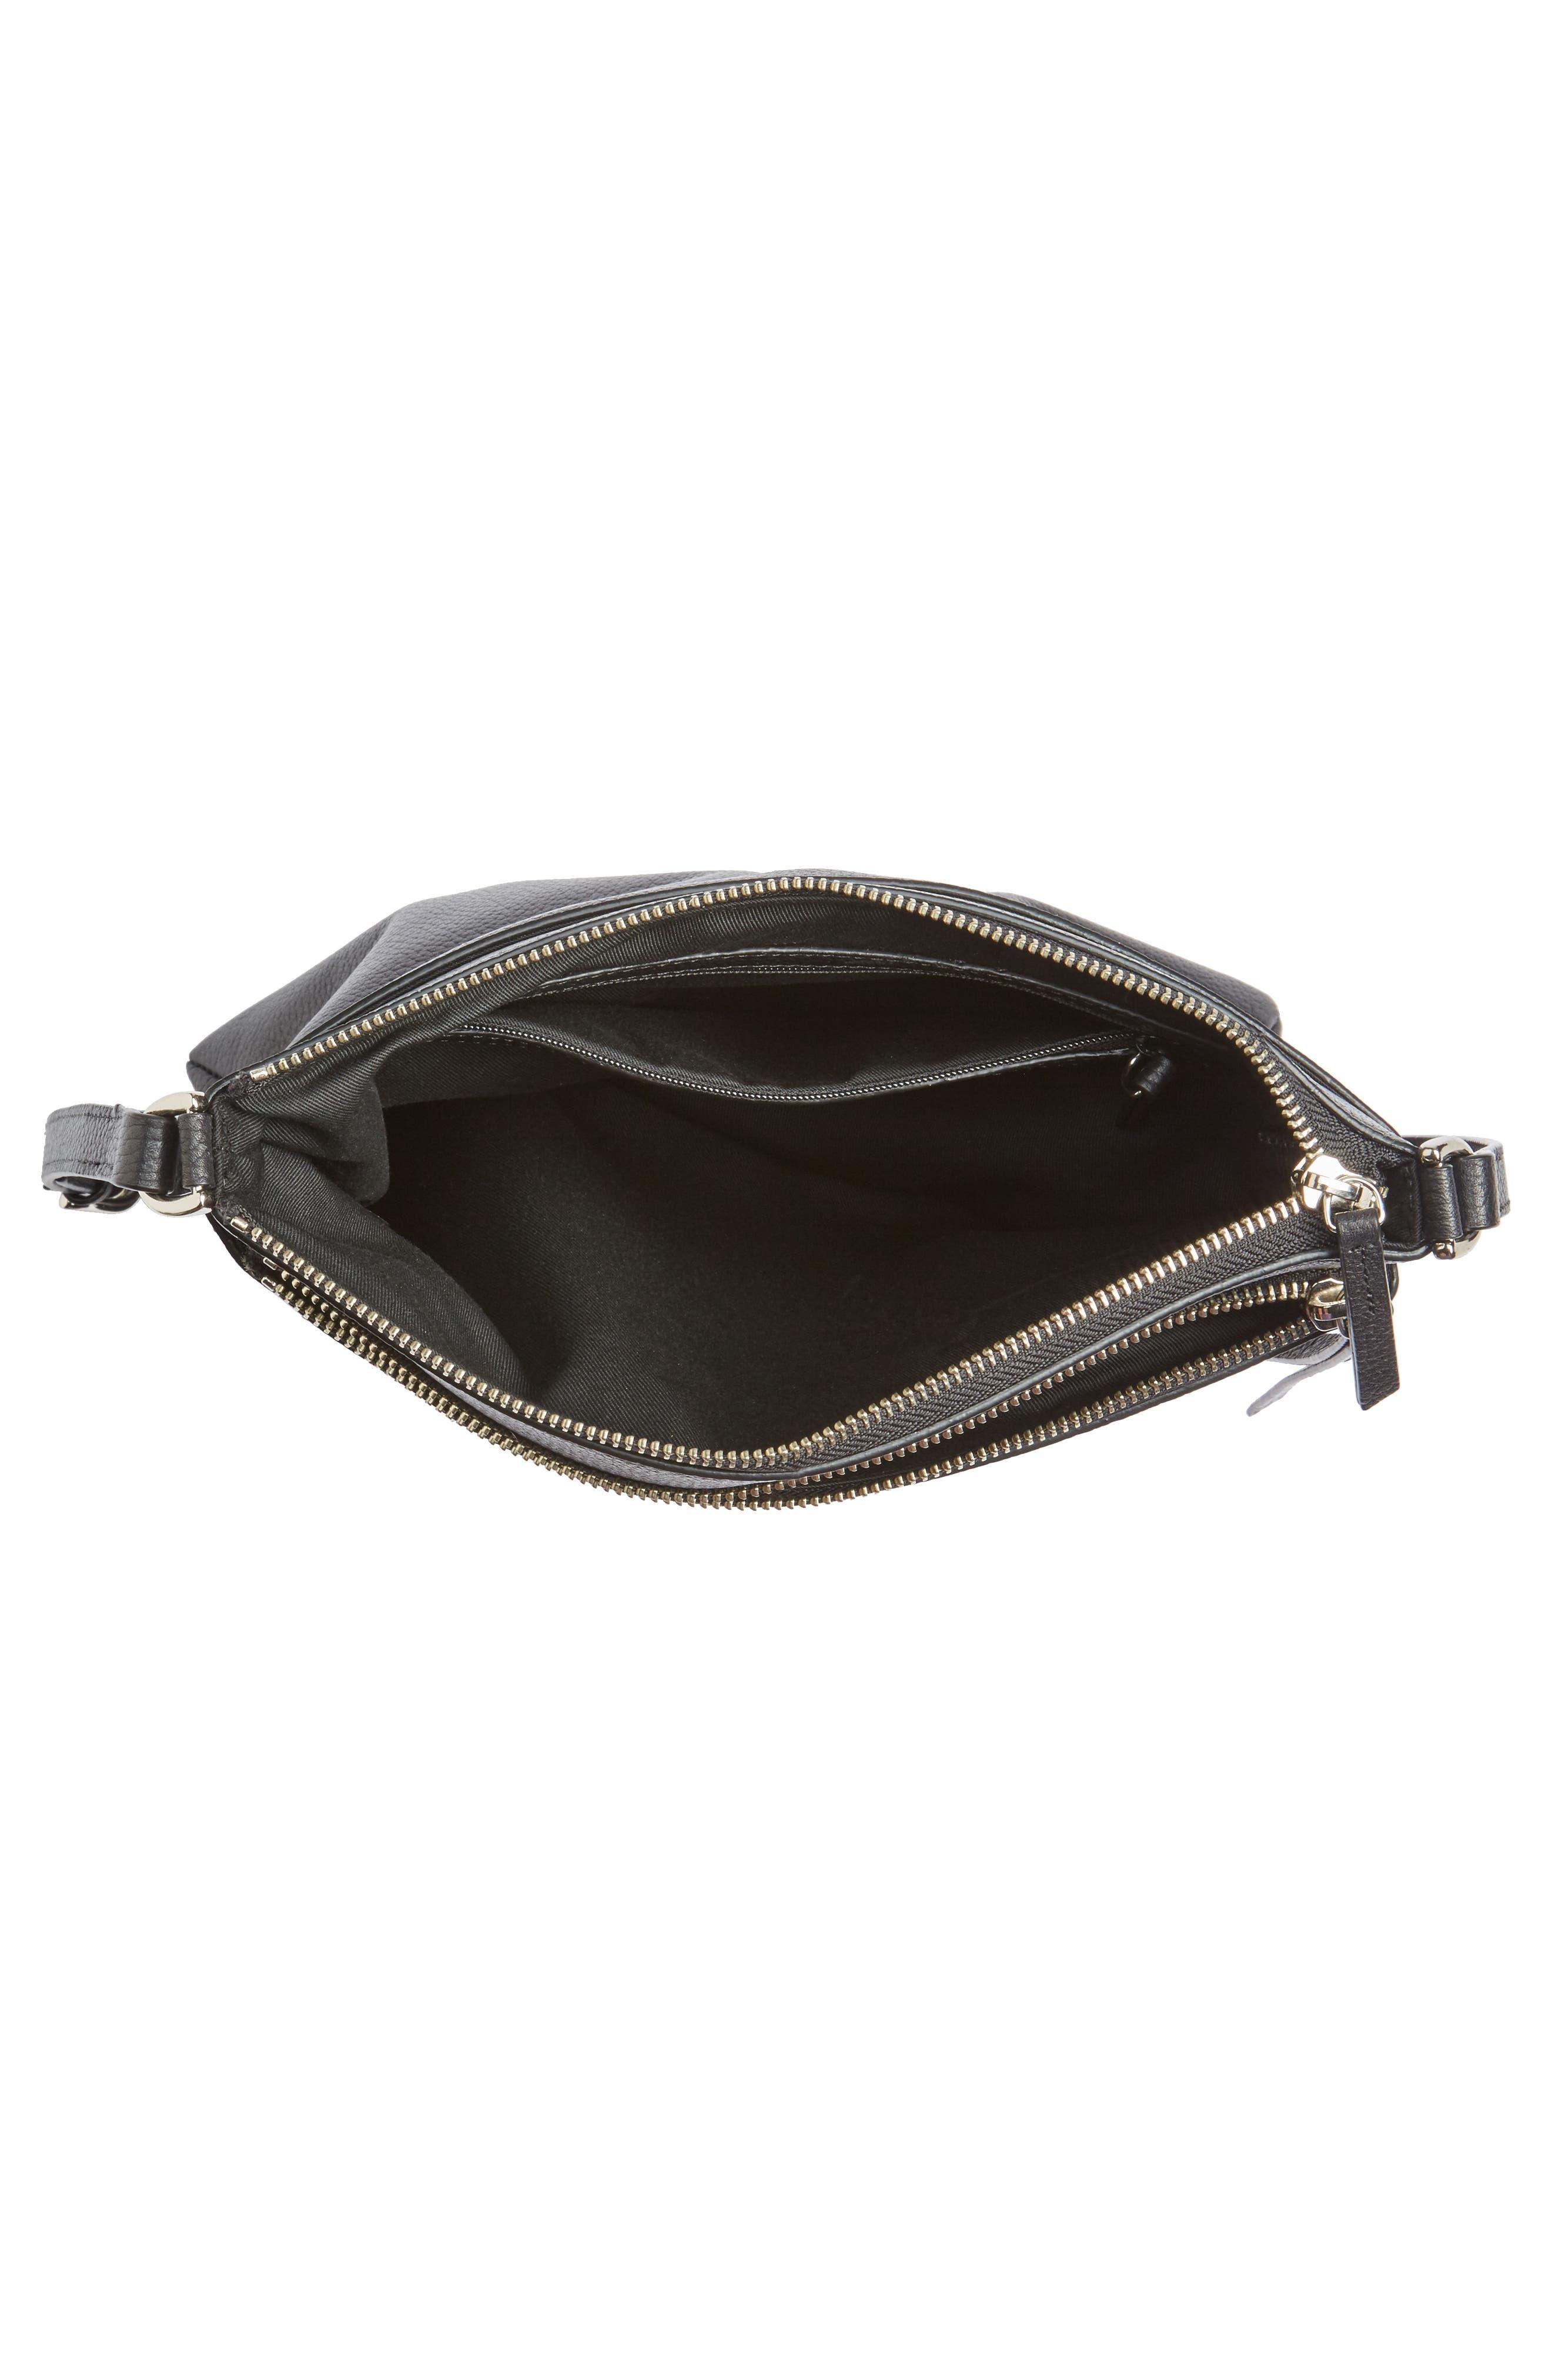 NORDSTROM, Finn Leather Crossbody Bag, Alternate thumbnail 5, color, BLACK